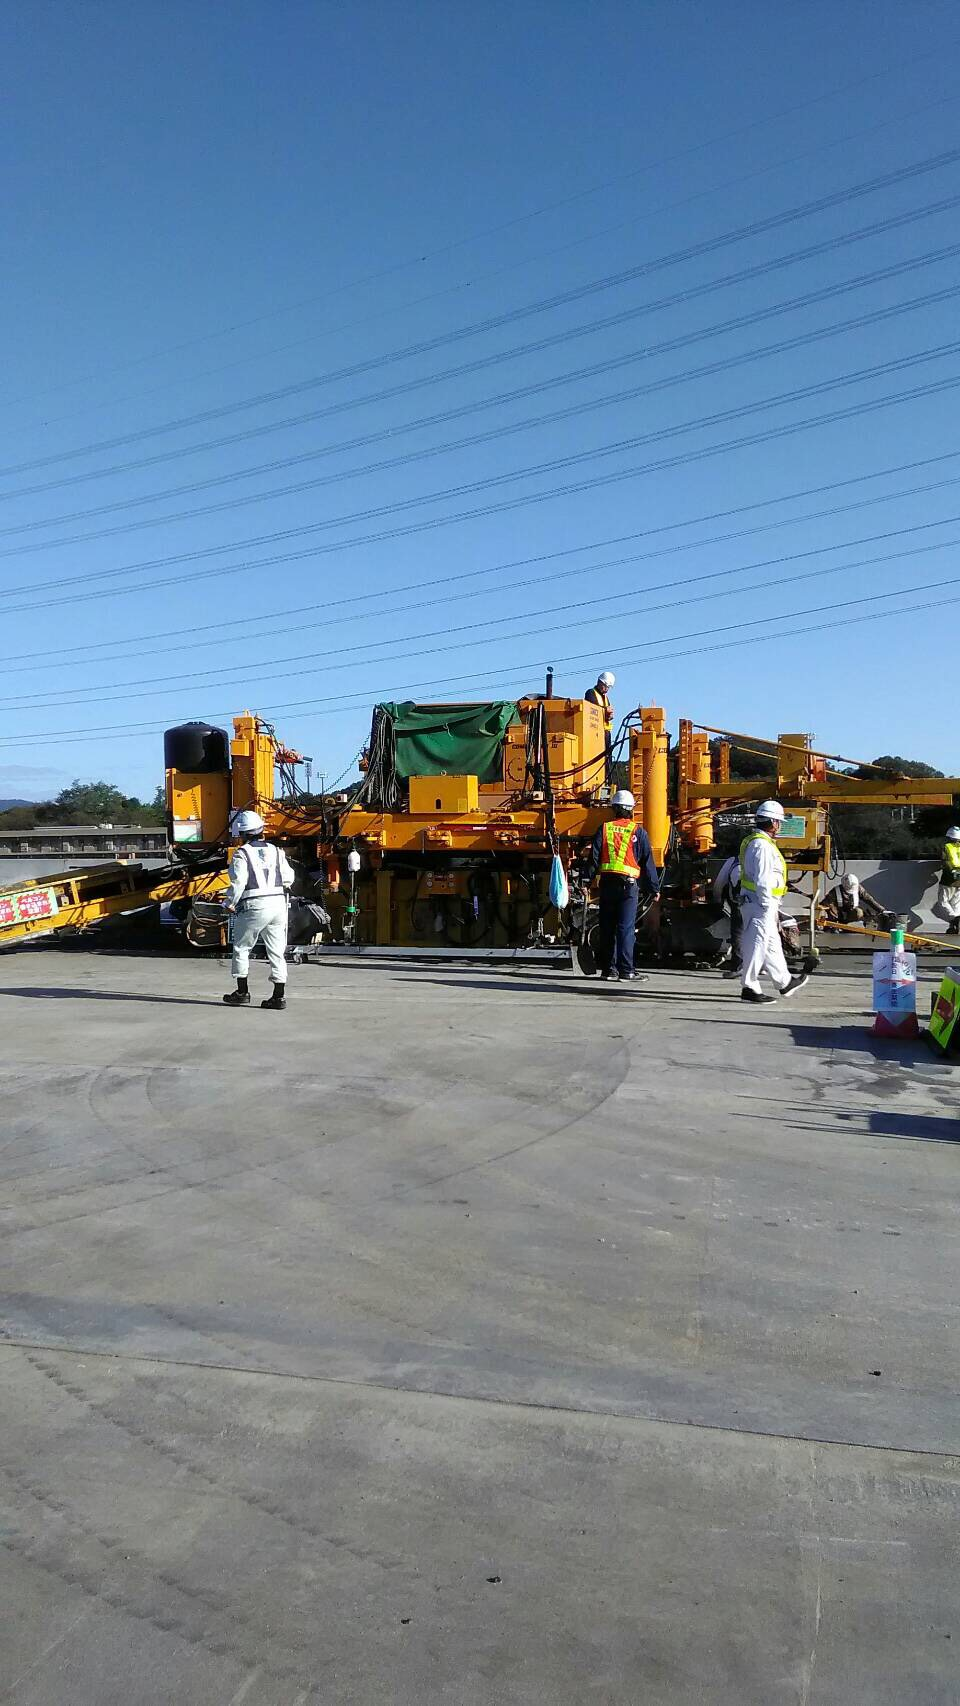 全国の土木工事を支える タイセー工業株式会社 海老名 道路工事